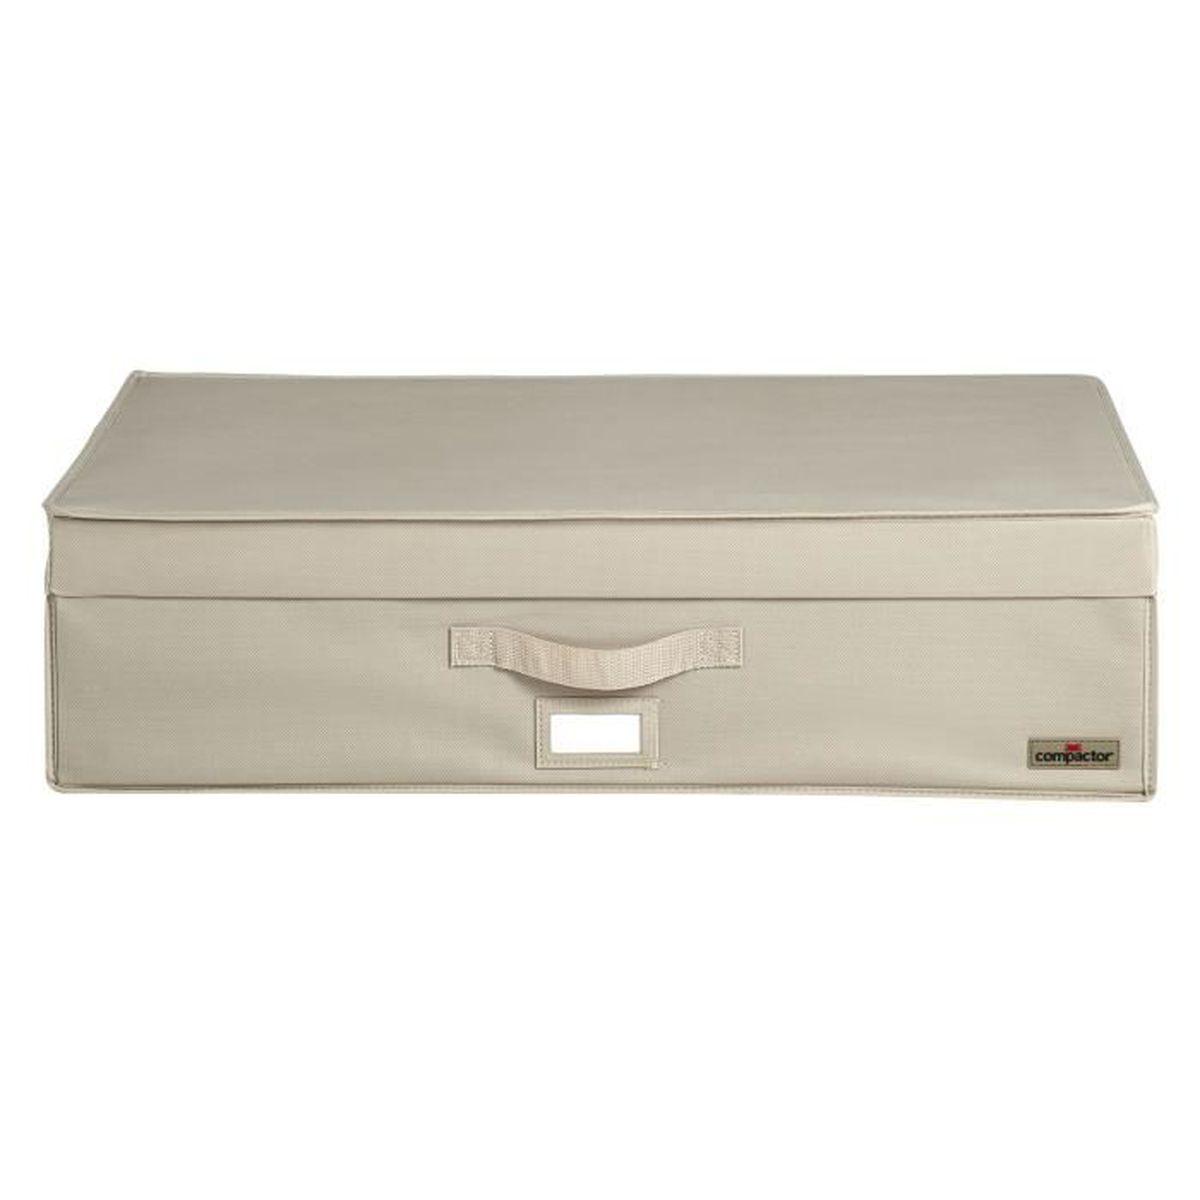 Compactor housse dessous de lit beige life 190l achat for Compactor housse